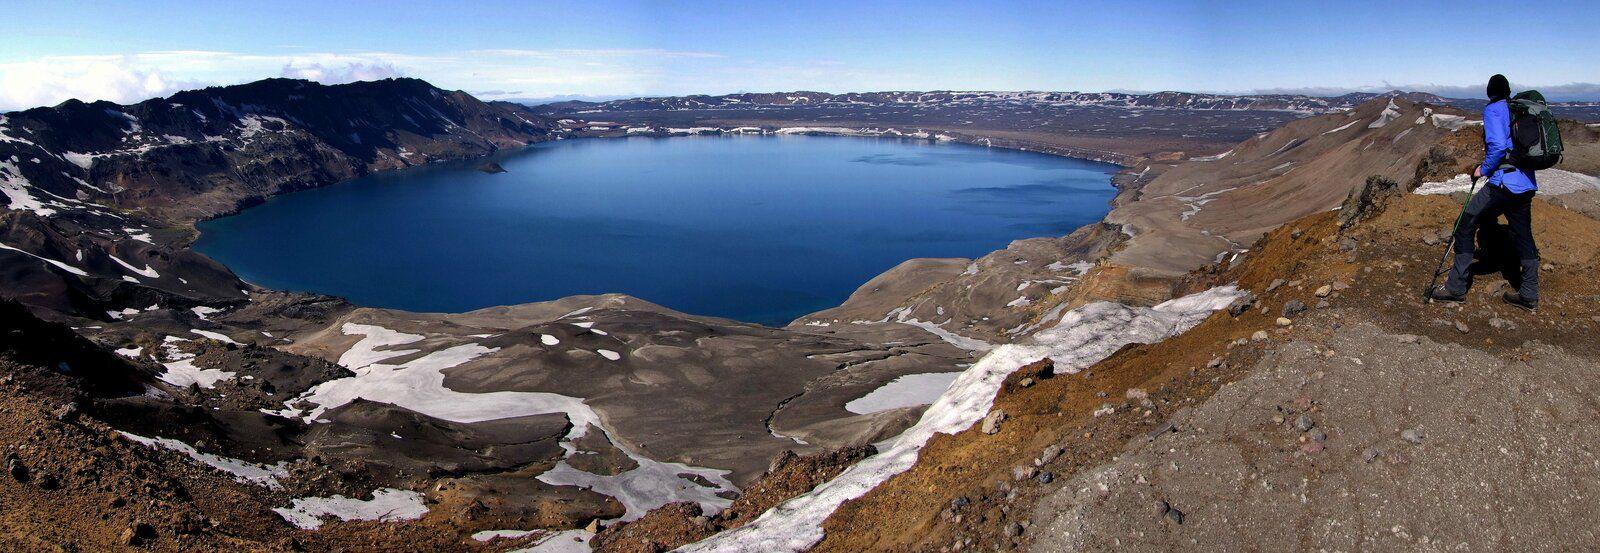 Askja -  le lac Öskjuvatn (4-5 km) remplit la caldeira de l'éruption de 1875 - photo Dave McGarvie 2010-2011 - un clic pour agrandir